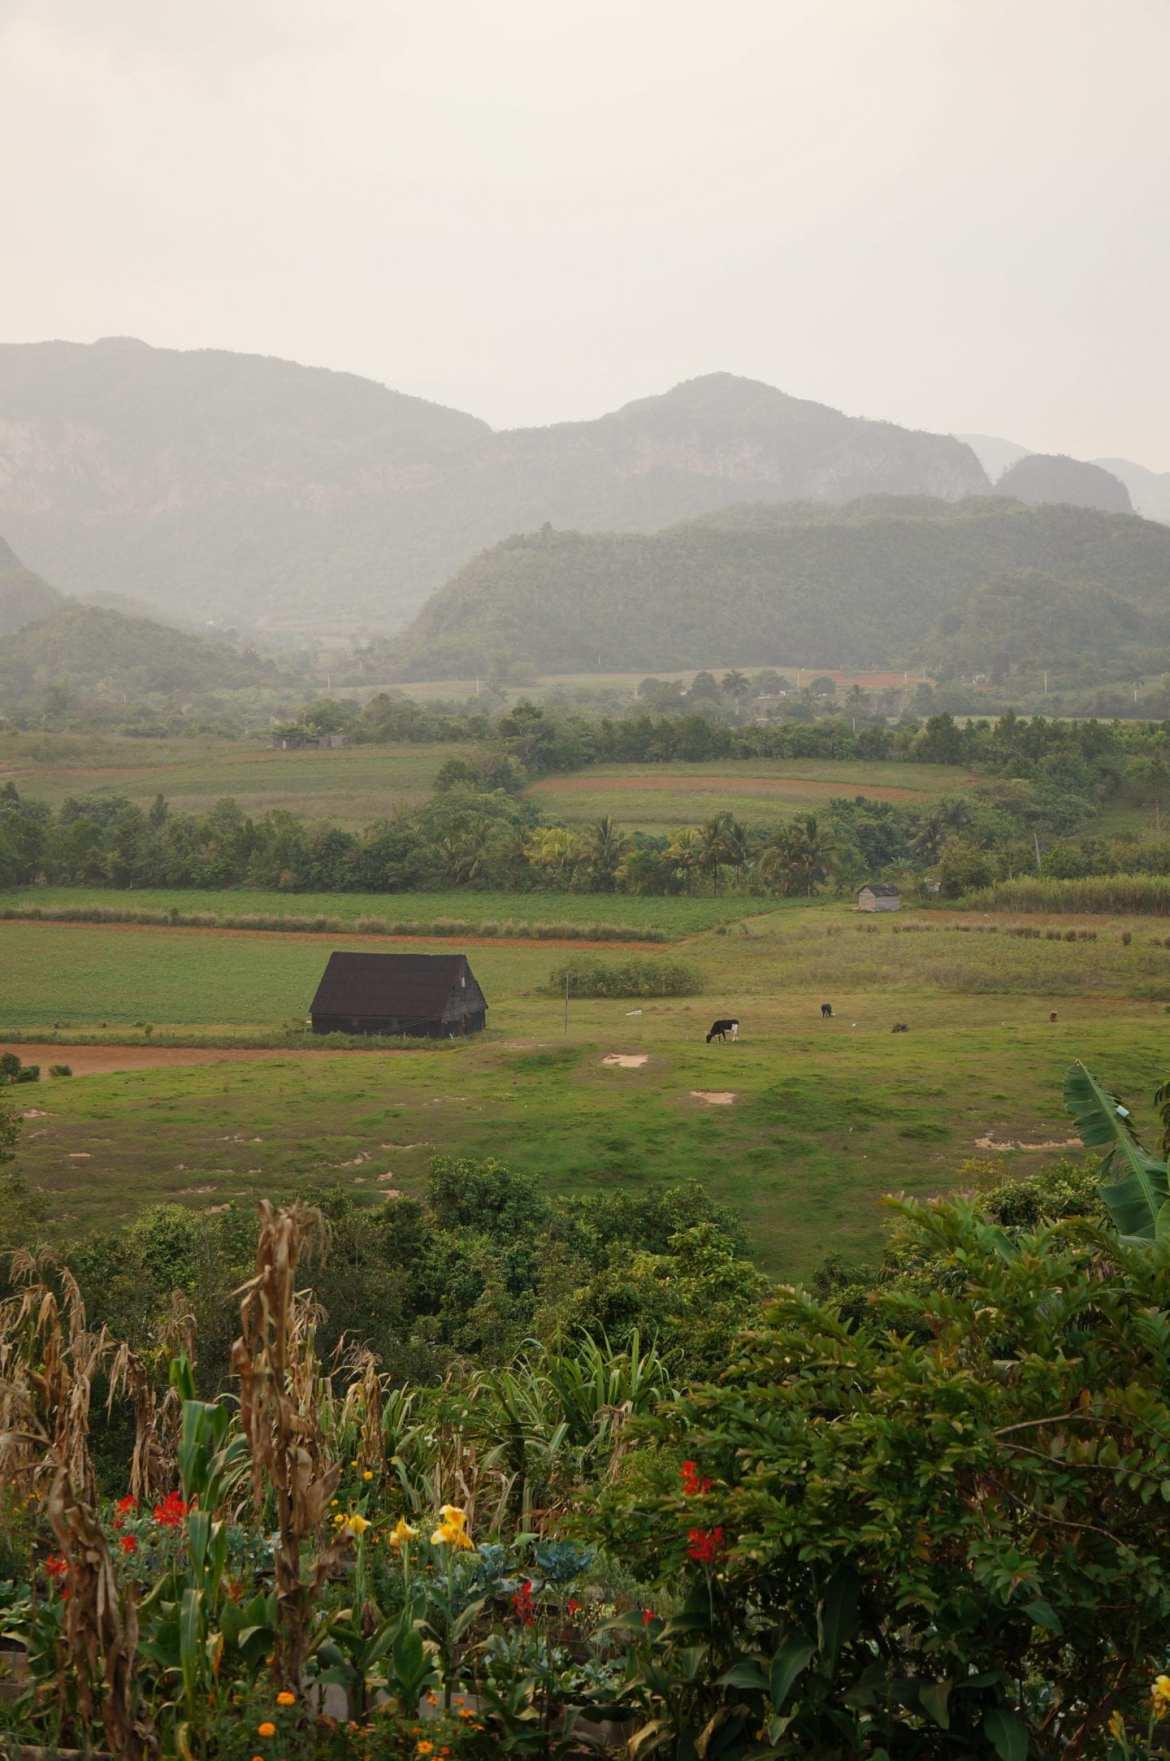 view from La Finca Agroecologica El Paraiso, vinales